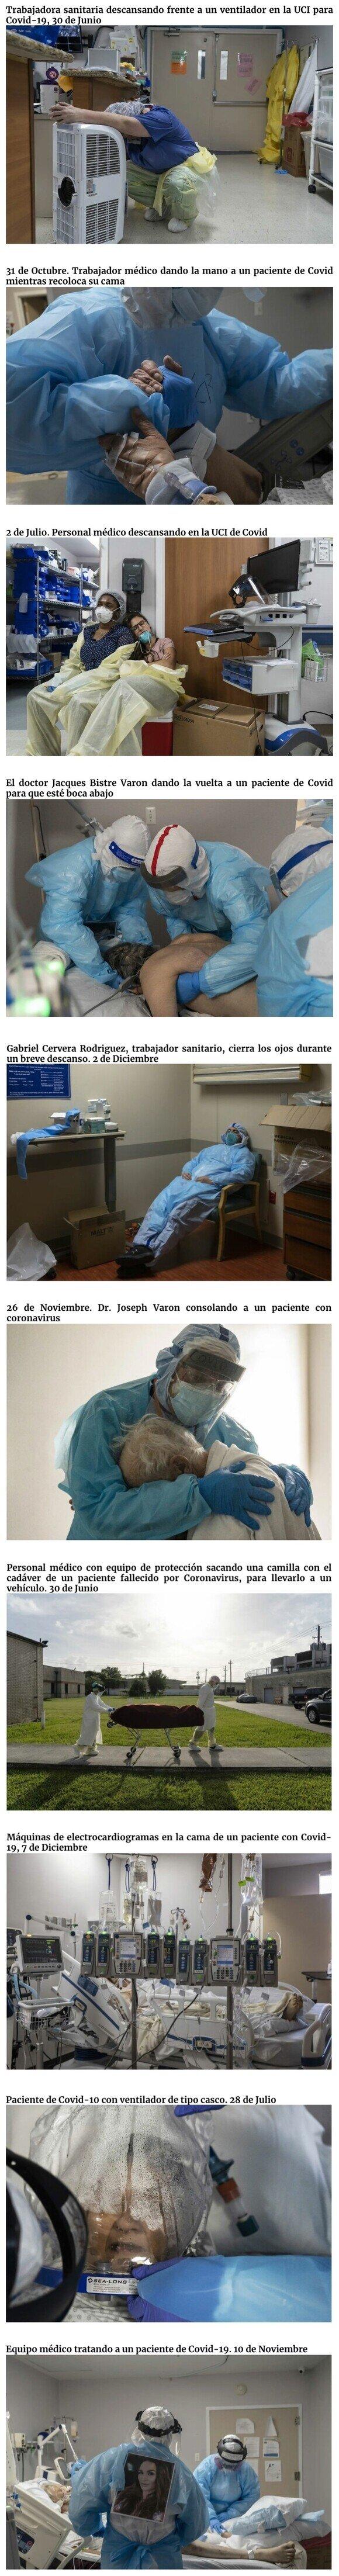 21286 - Fotos que muestran la realidad del Covid-19 en los hospitales